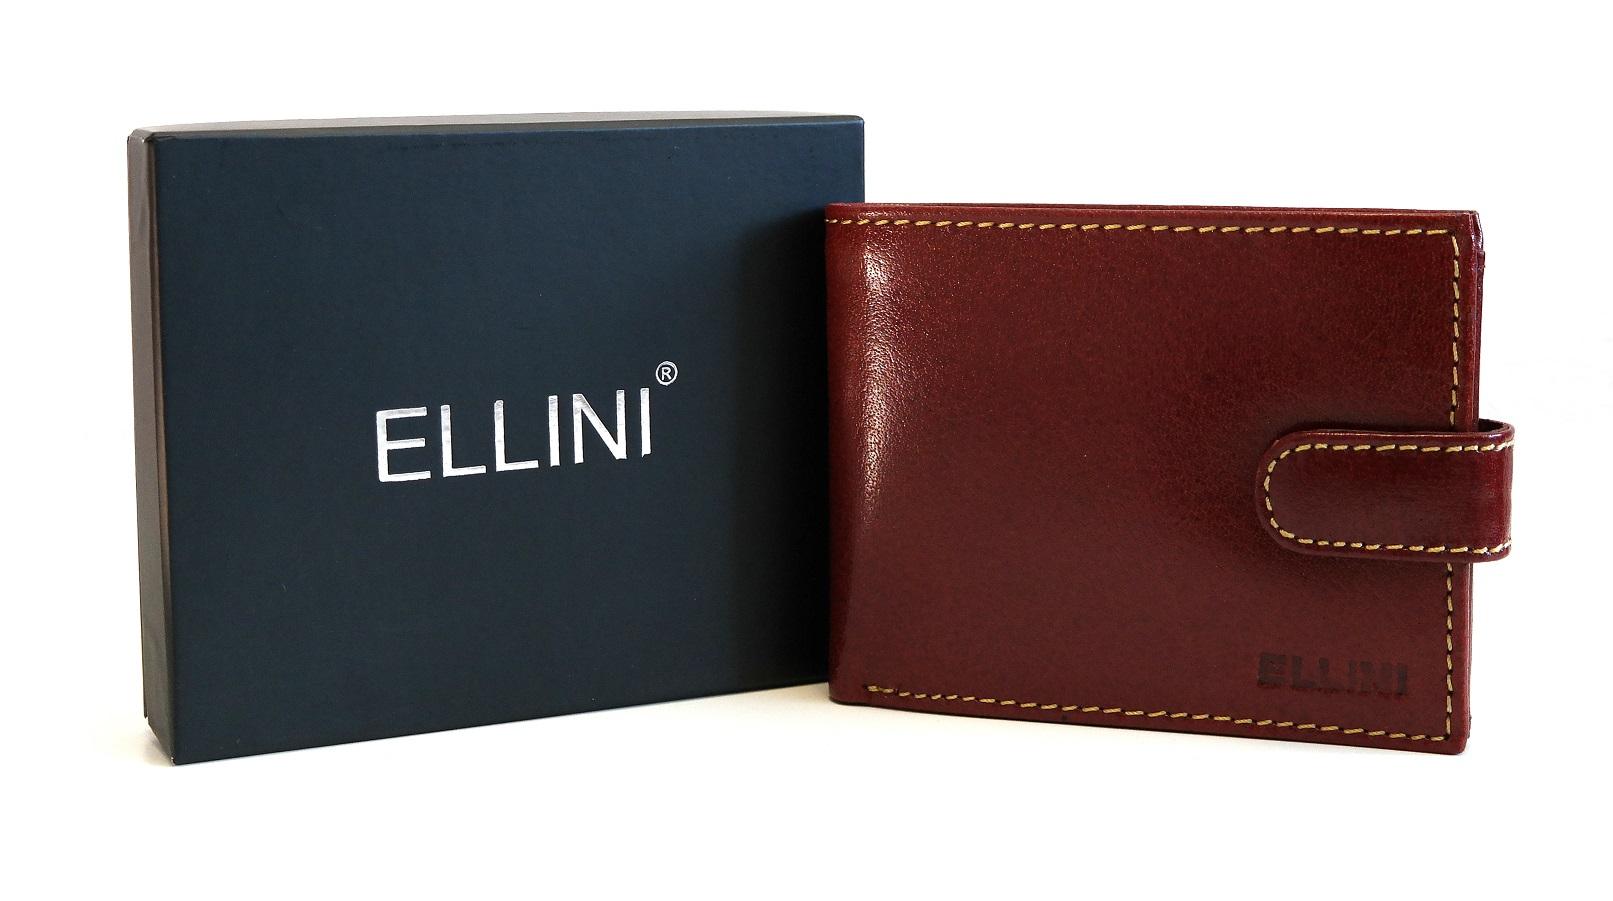 Pánská kožená peněženka ELLINI hnědá s upínkou